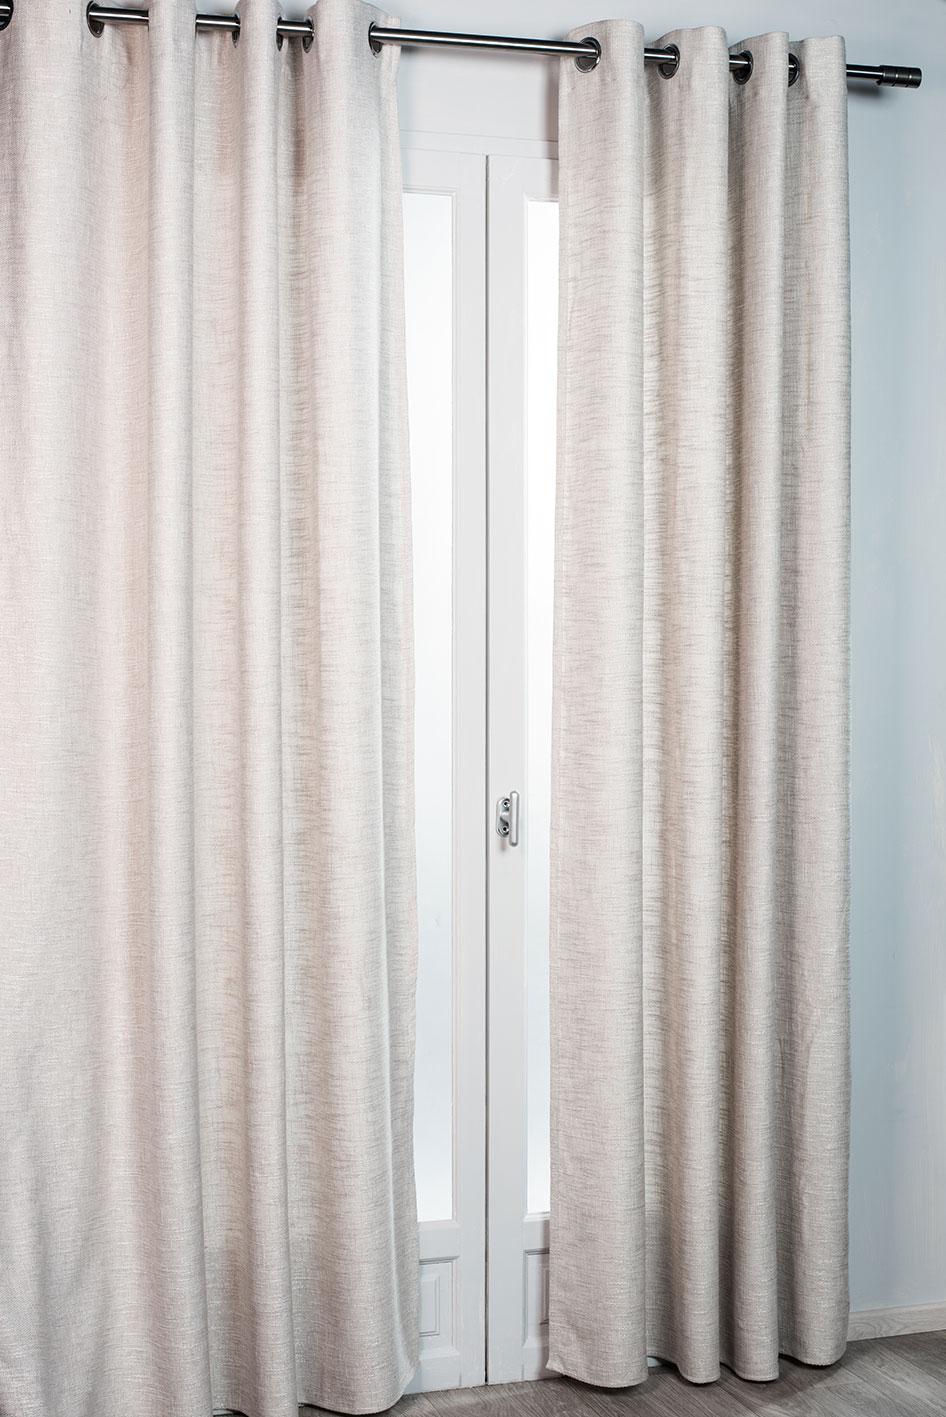 rideau d ameublement aspect laine chin e gris beige. Black Bedroom Furniture Sets. Home Design Ideas